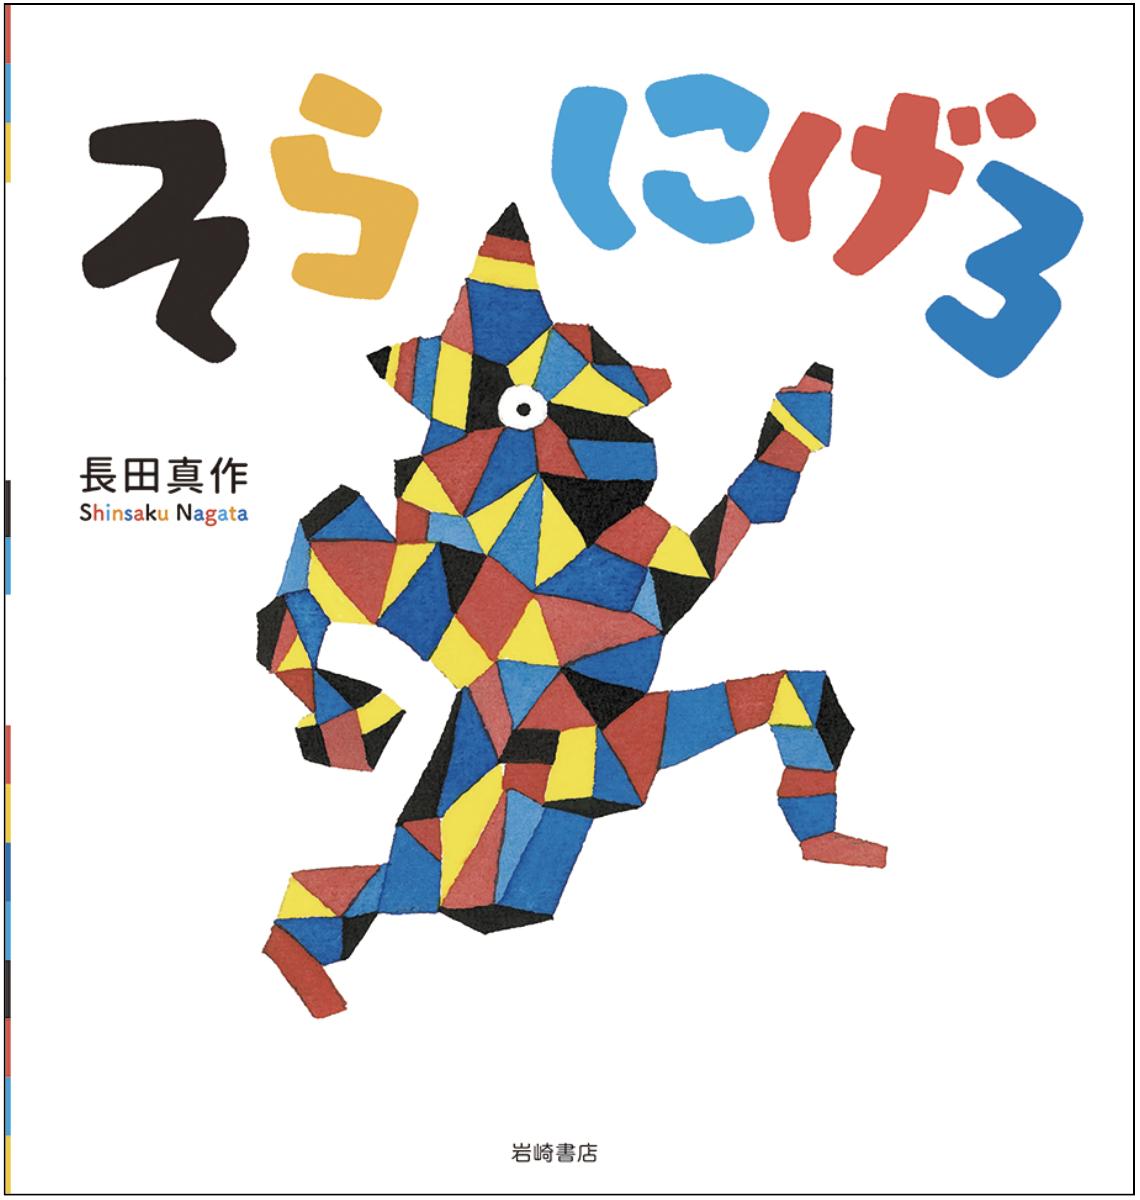 f:id:mojiru:20190510085134p:plain